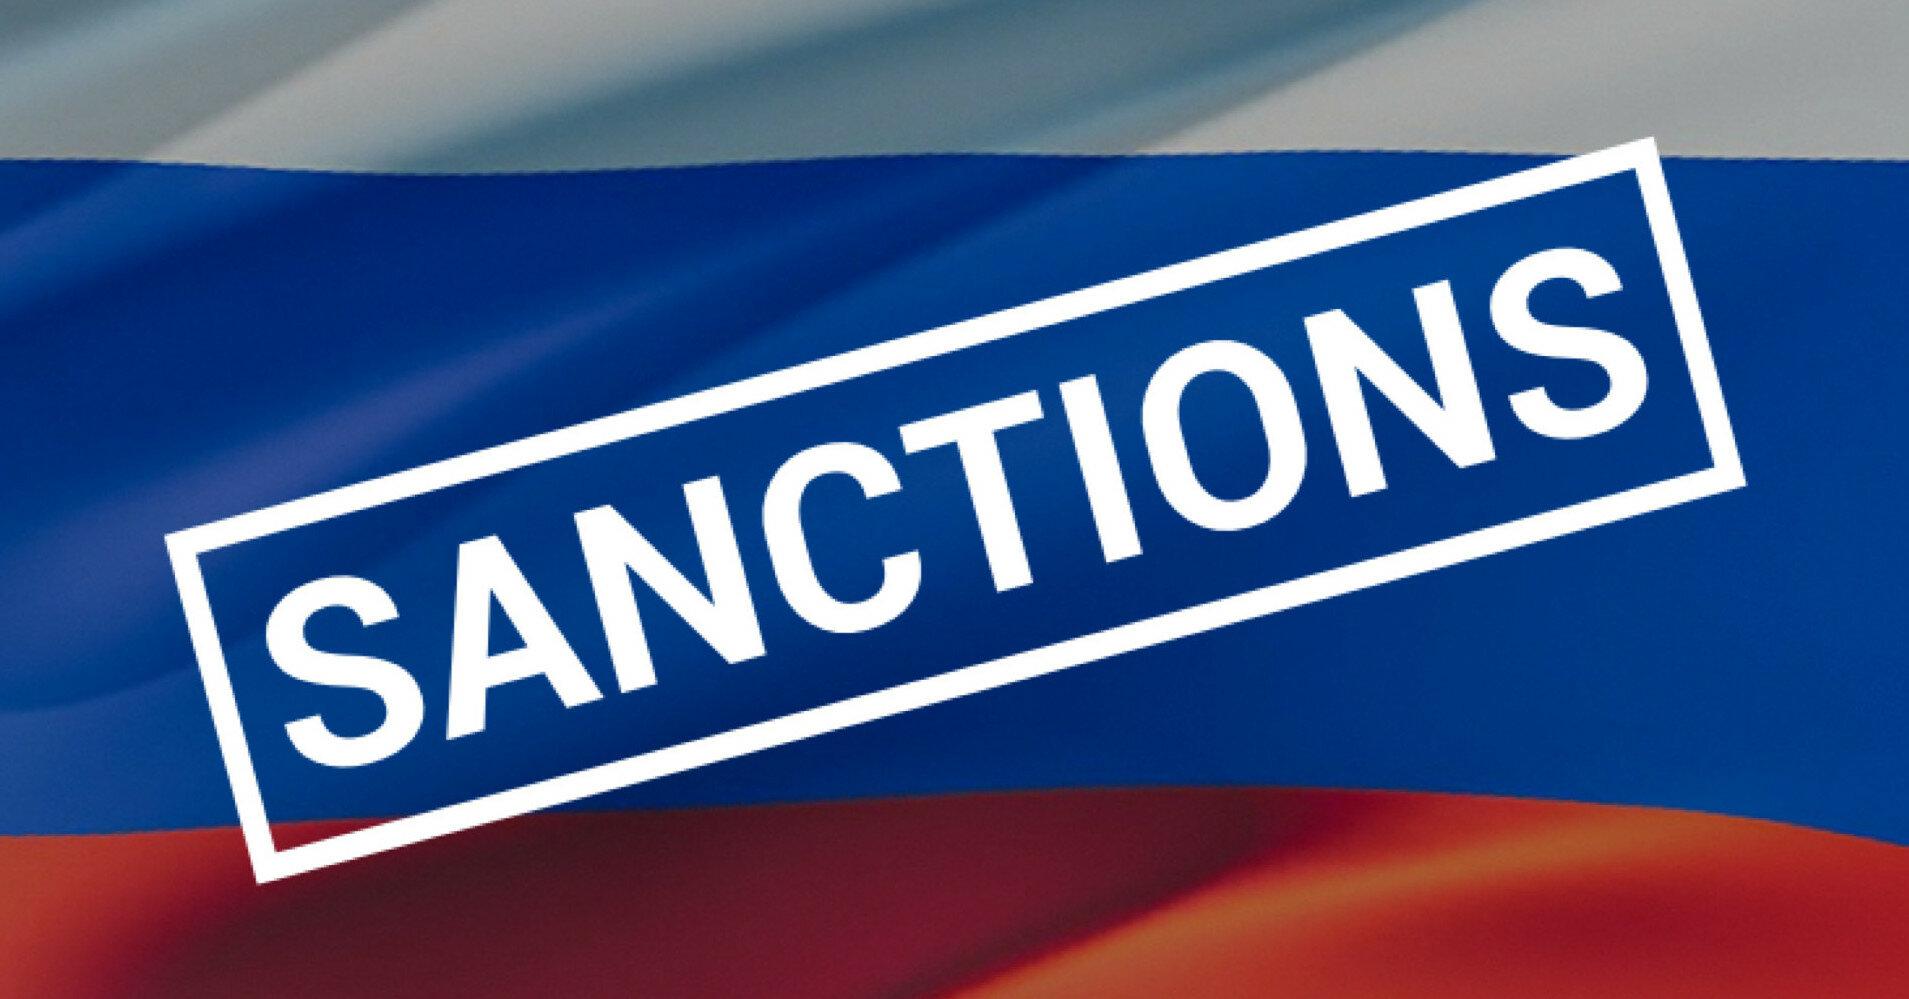 В ЕС еще на год продлили запрет на инвестиции в Крым, – источник